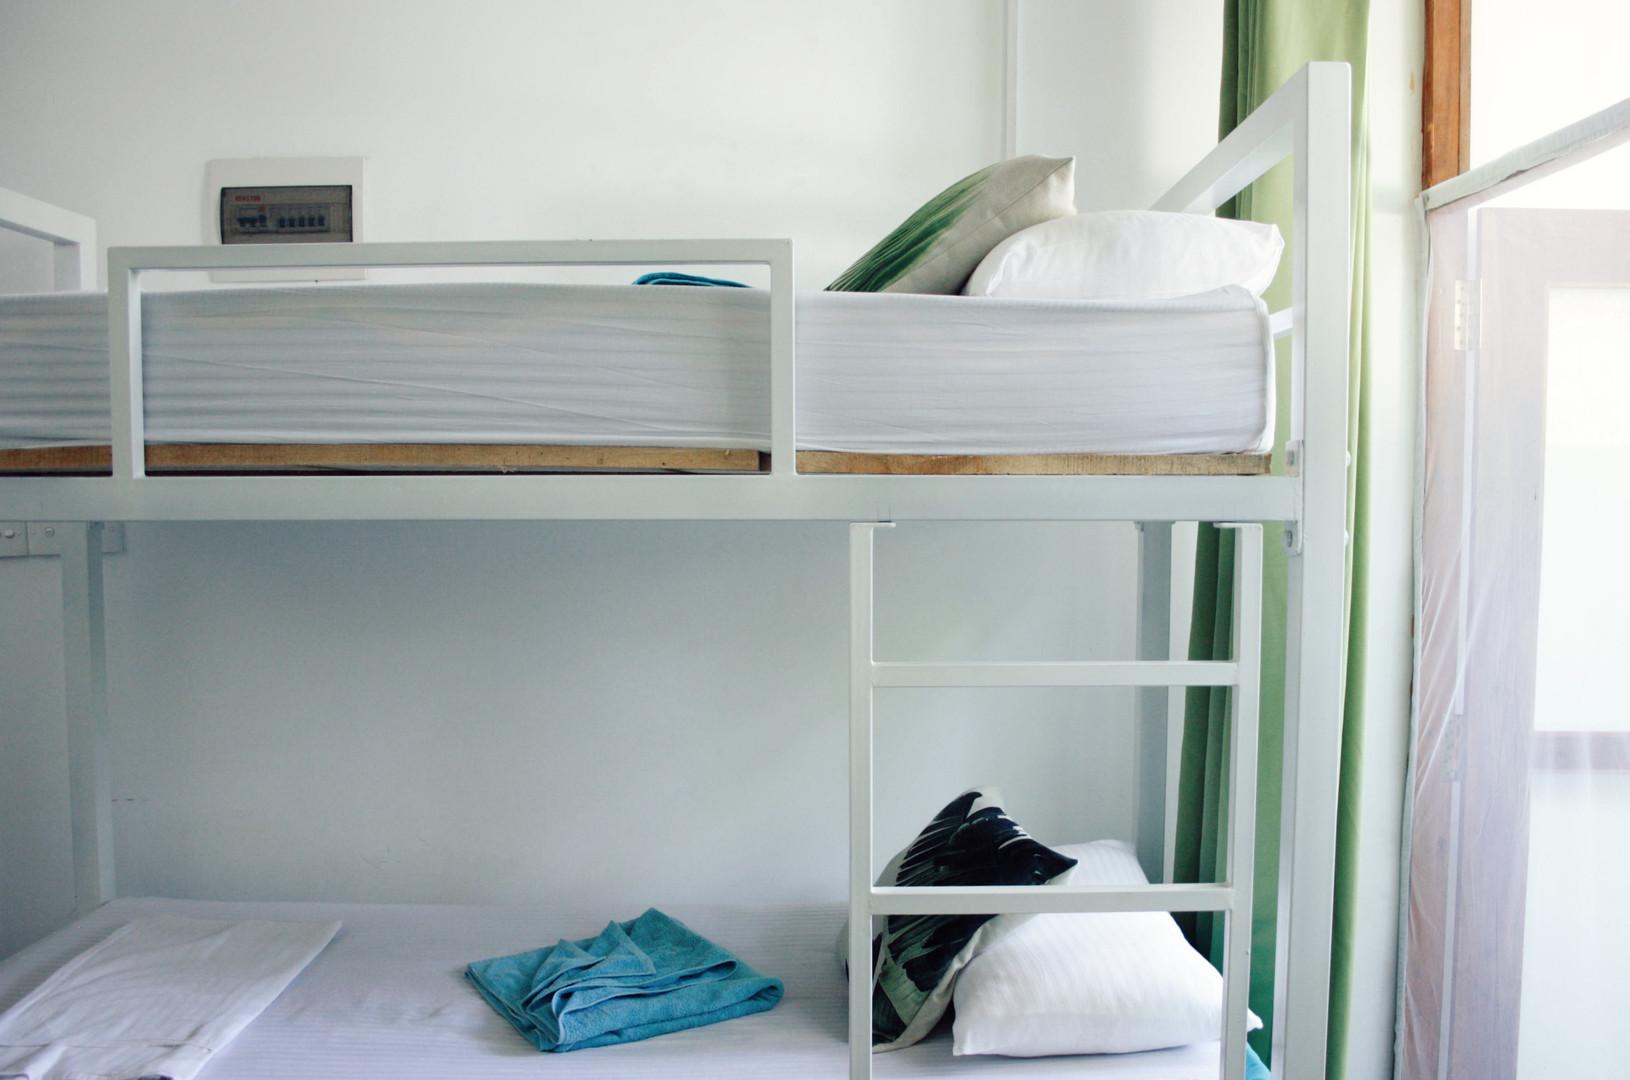 bed detail dorm room